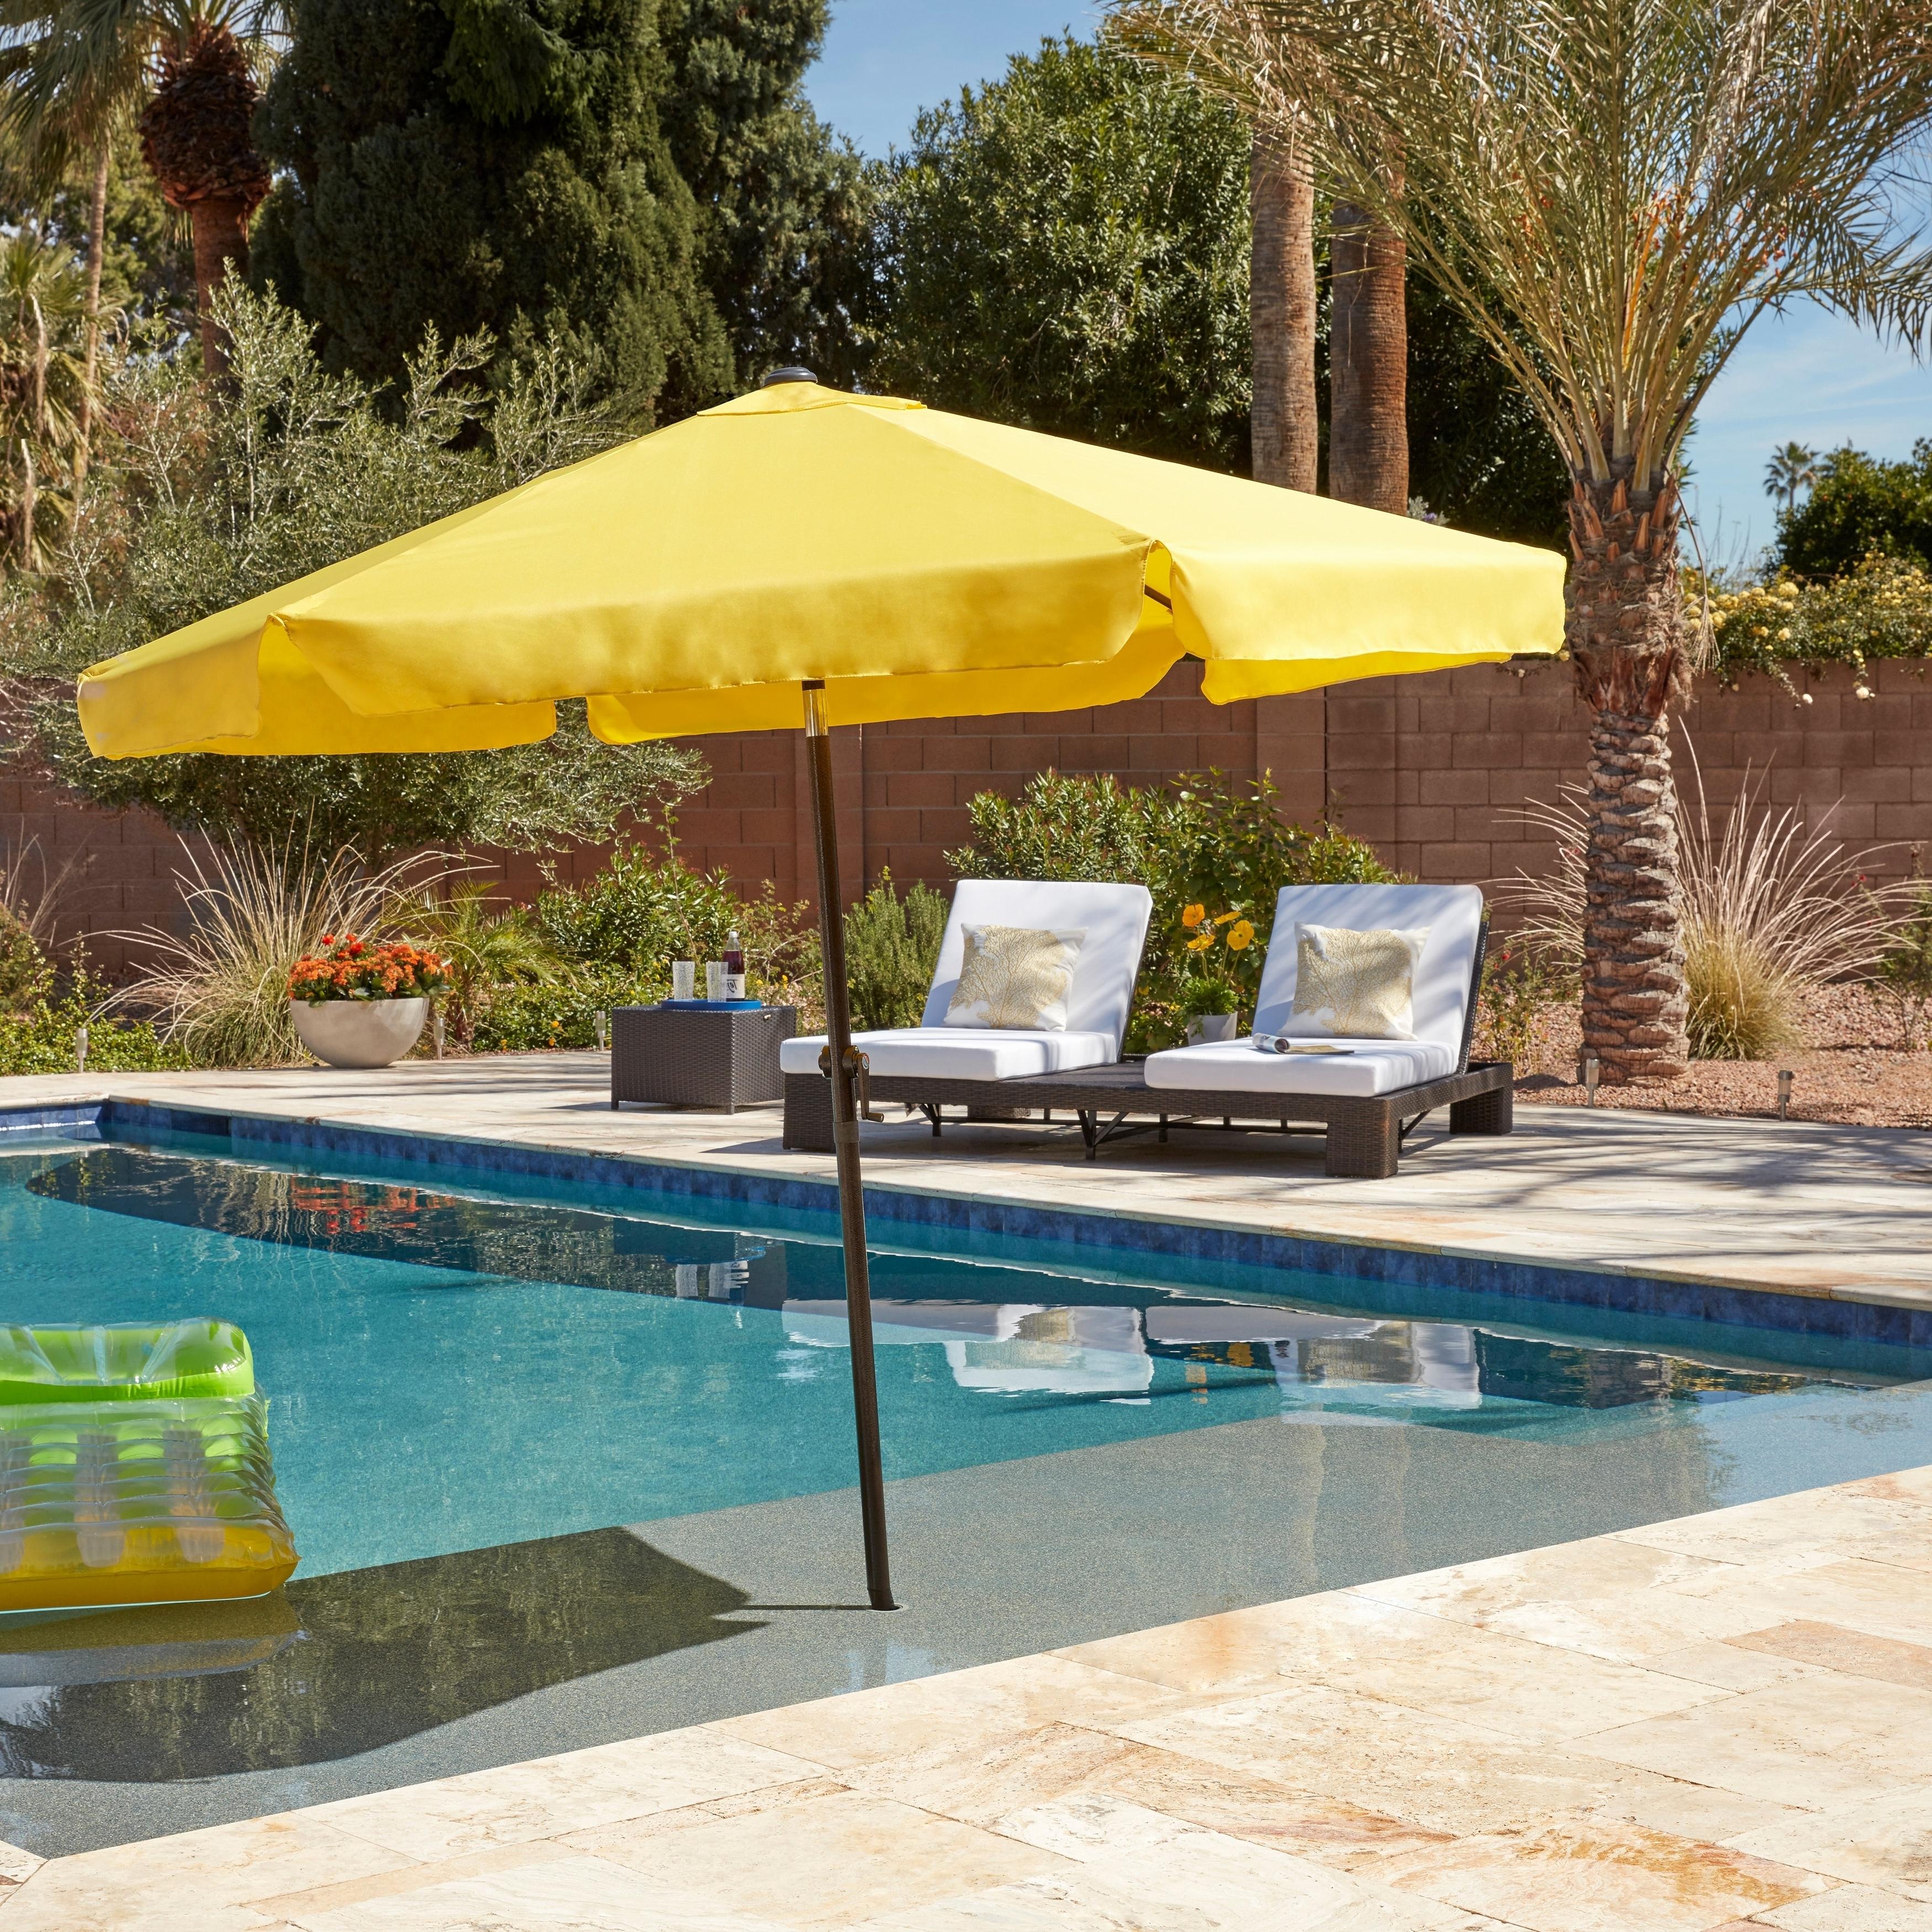 54 Vintage Patio Umbrella, 100 Retro Patio Umbrella Outdoor Patio In Favorite Vinyl Patio Umbrellas (View 19 of 20)